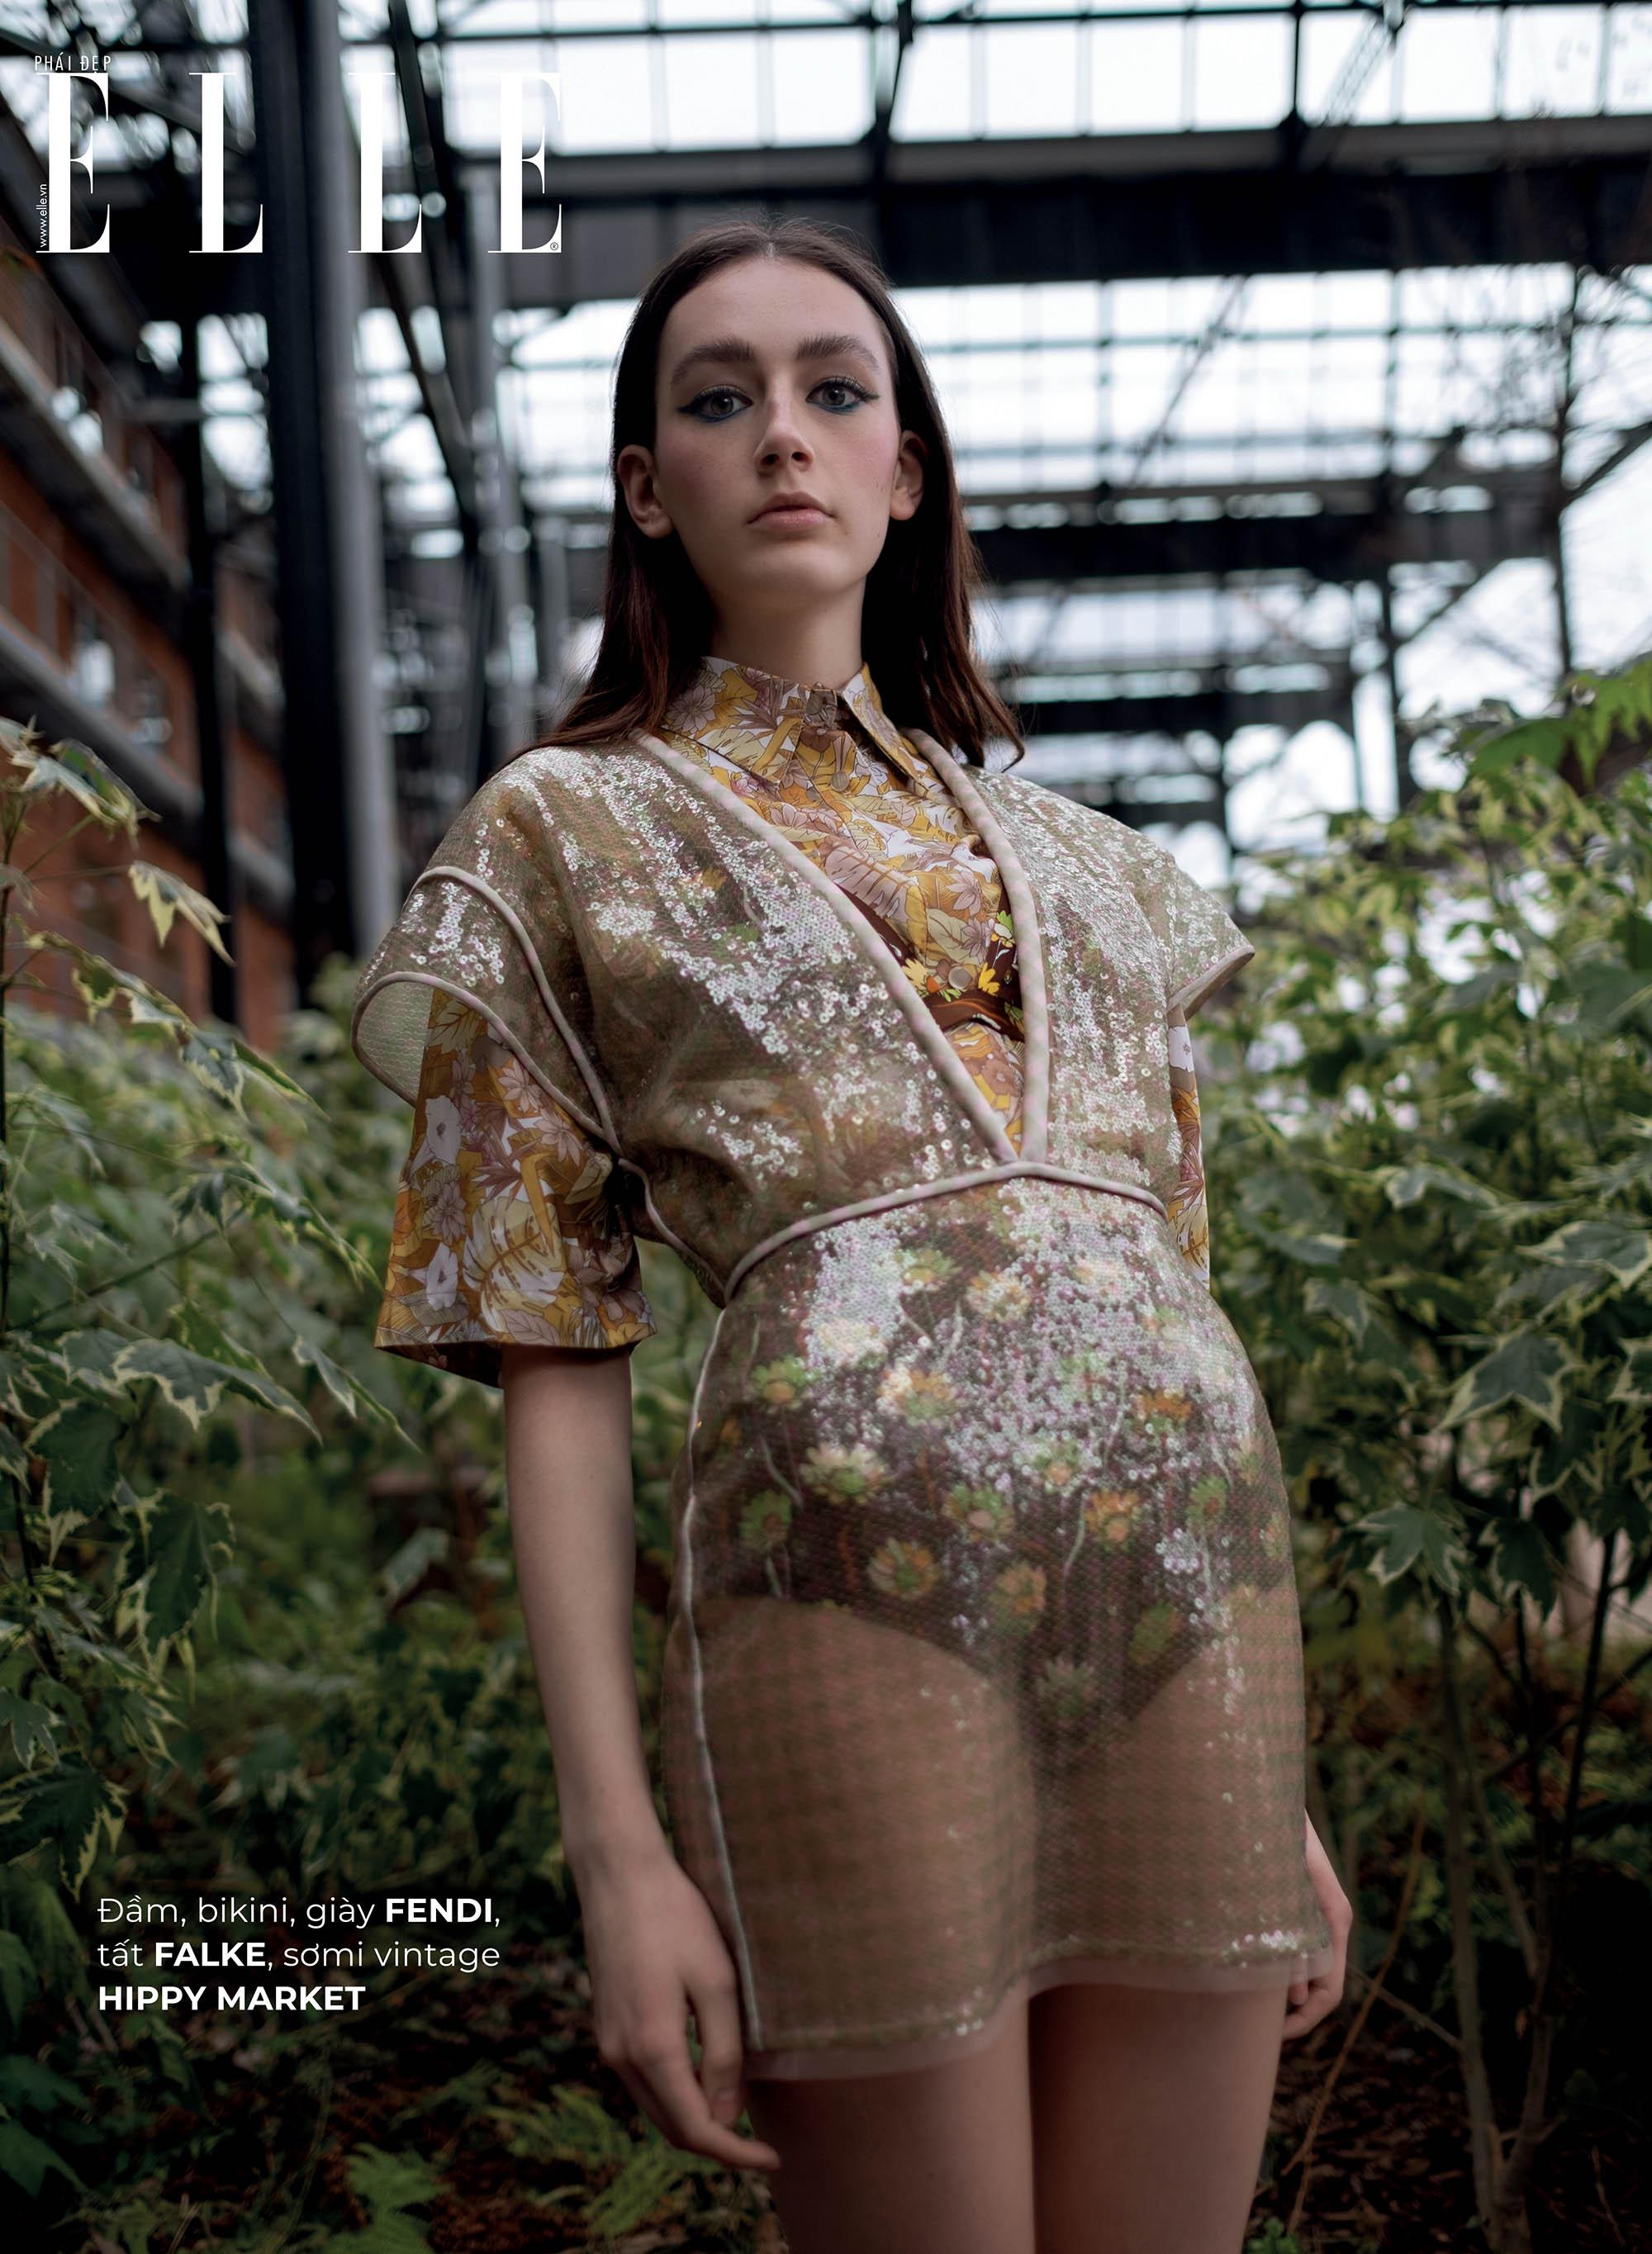 thời trang bền vững trang phục Fendi cô gái đứng trong vườn